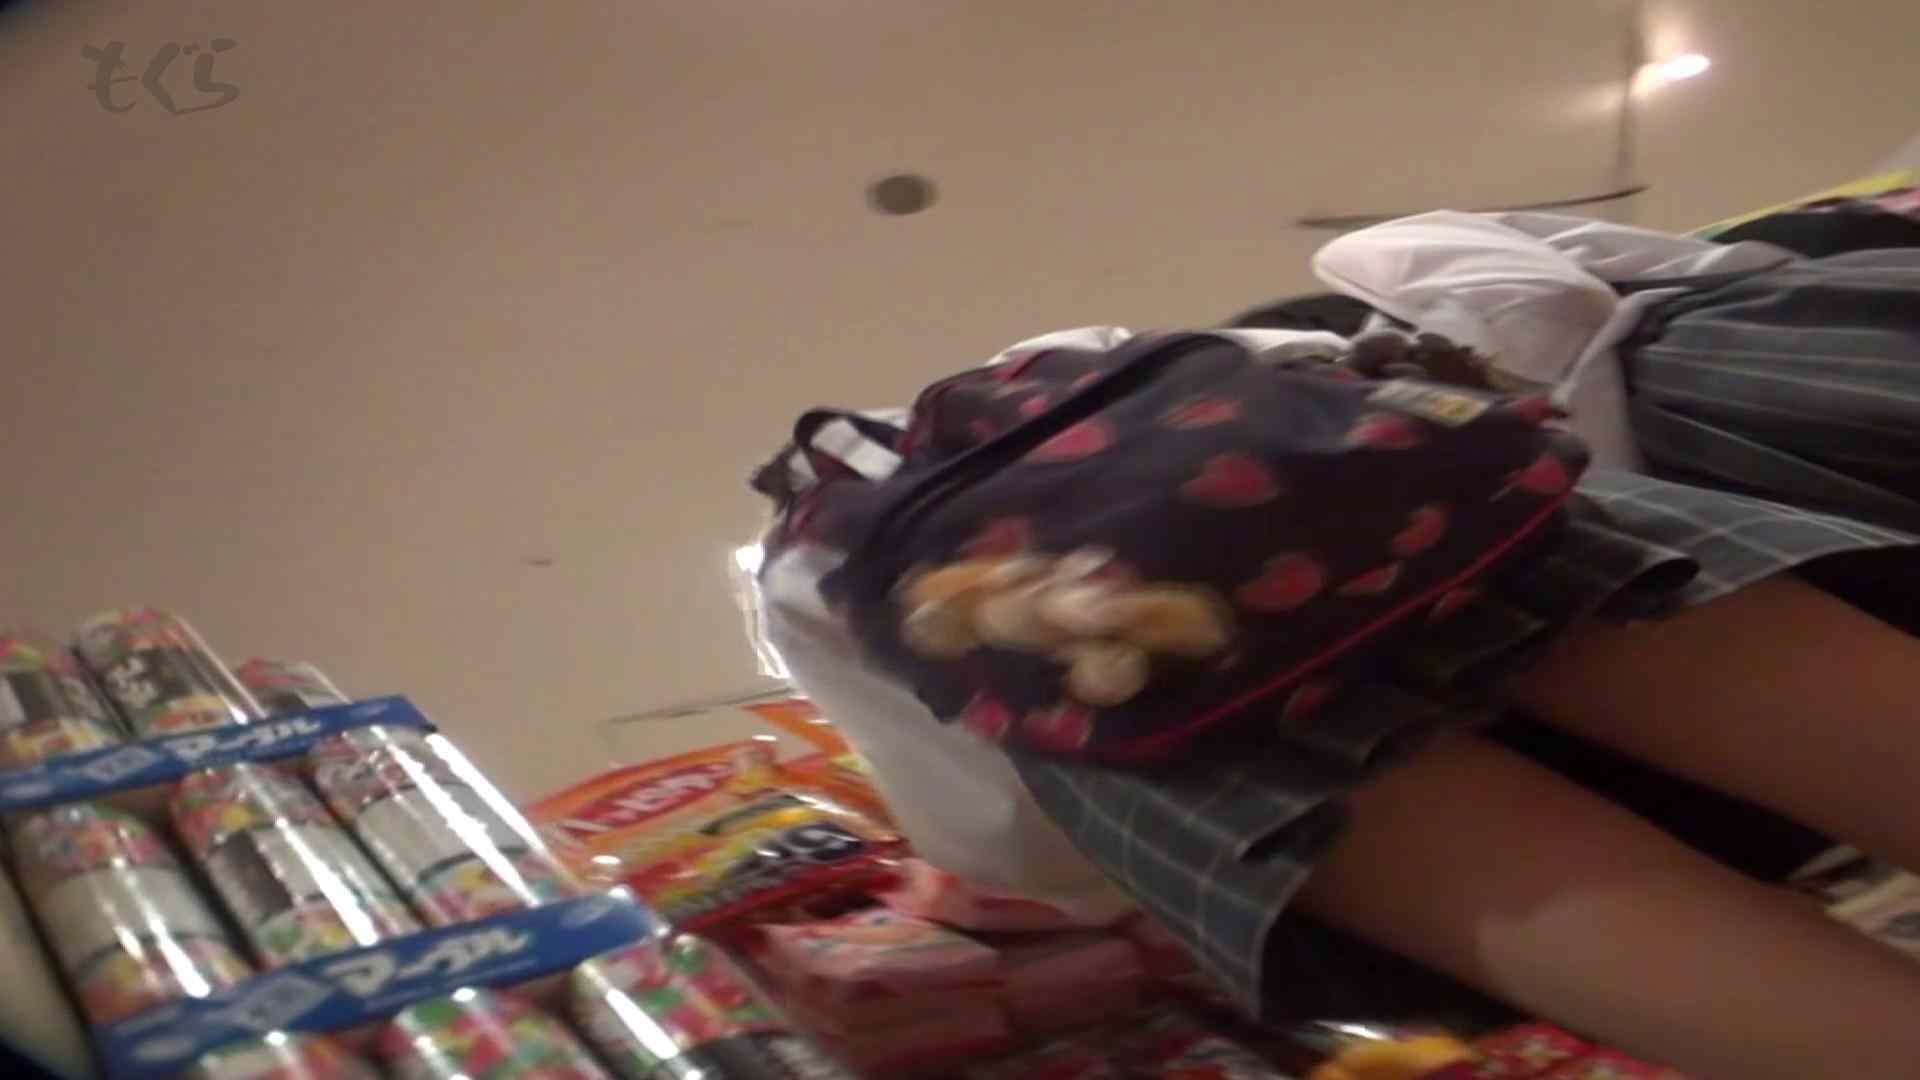 無修正ヌード 隣から【期間限定品】No.03 苺の水玉!!王道ですね。 怪盗ジョーカー